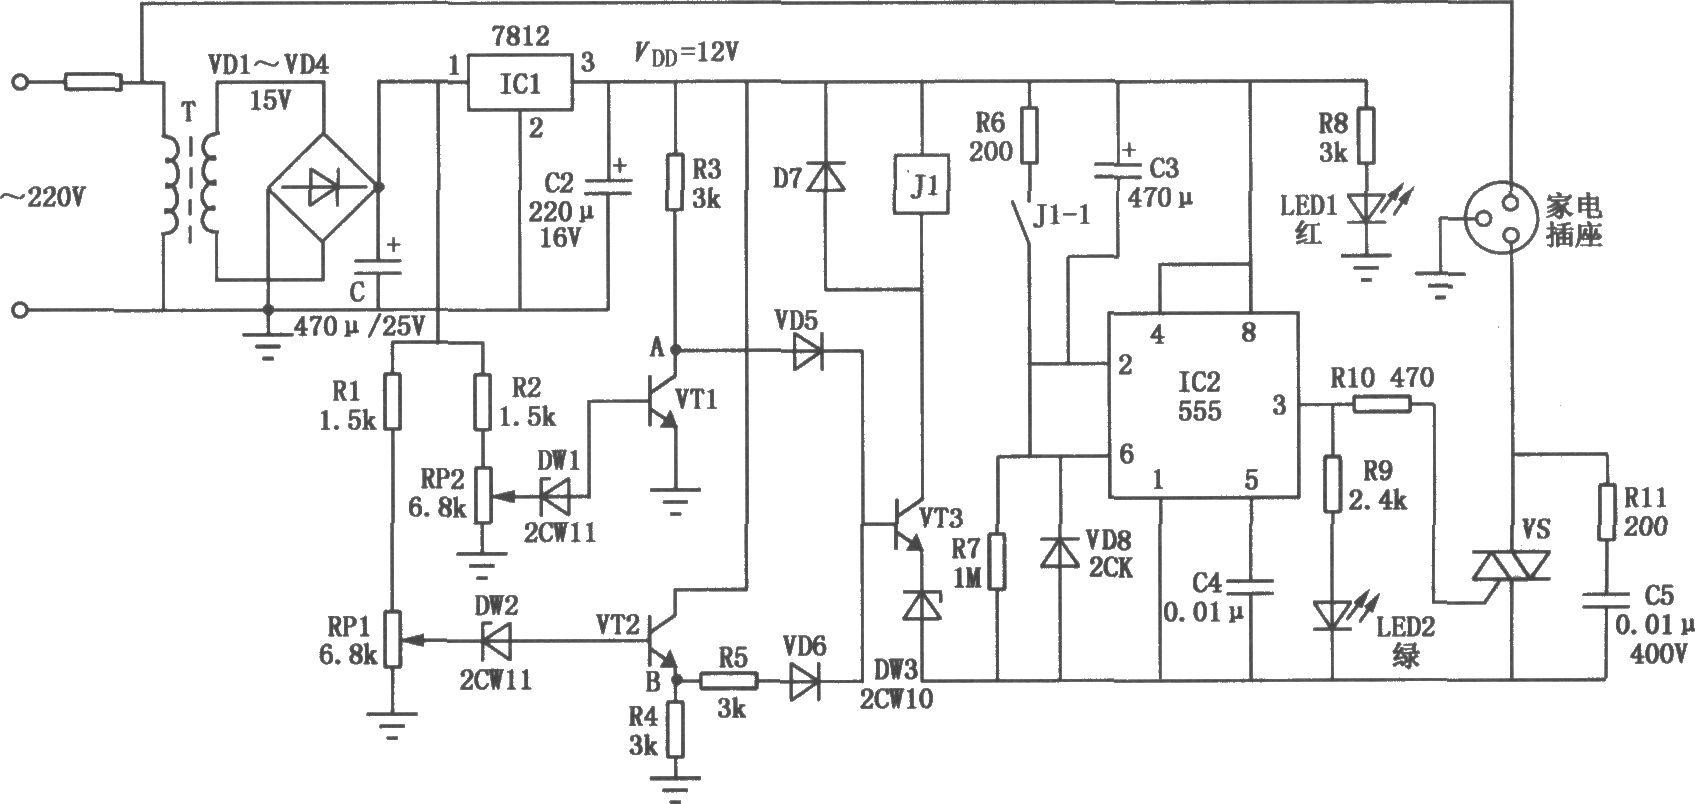 如图所示,它由直流稳压电路、延时电路、过压欠压保护和执行电路图片